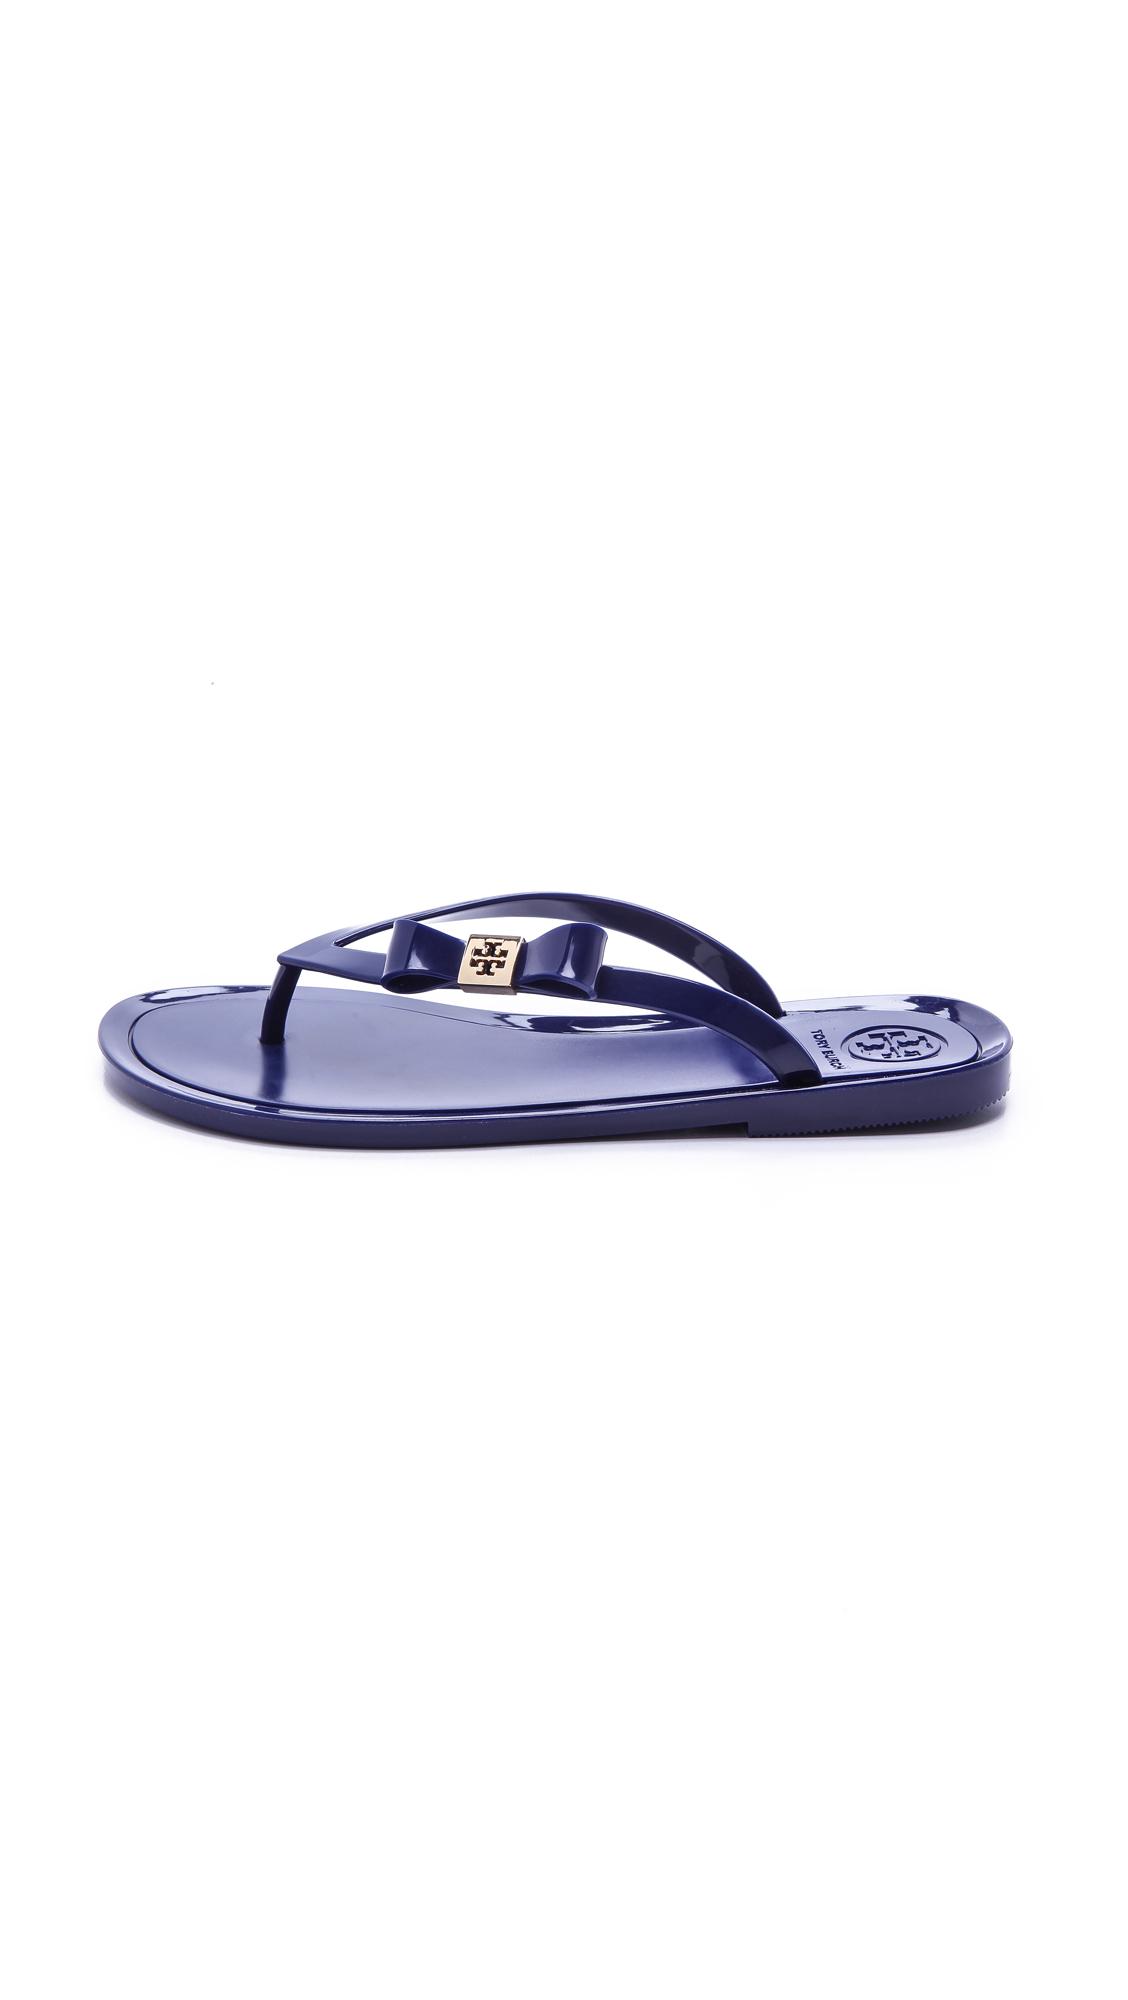 652ec9ab9832 Lyst - Tory Burch Michaela Bow Jelly Flip Flops - Dark Fuchsia in Blue